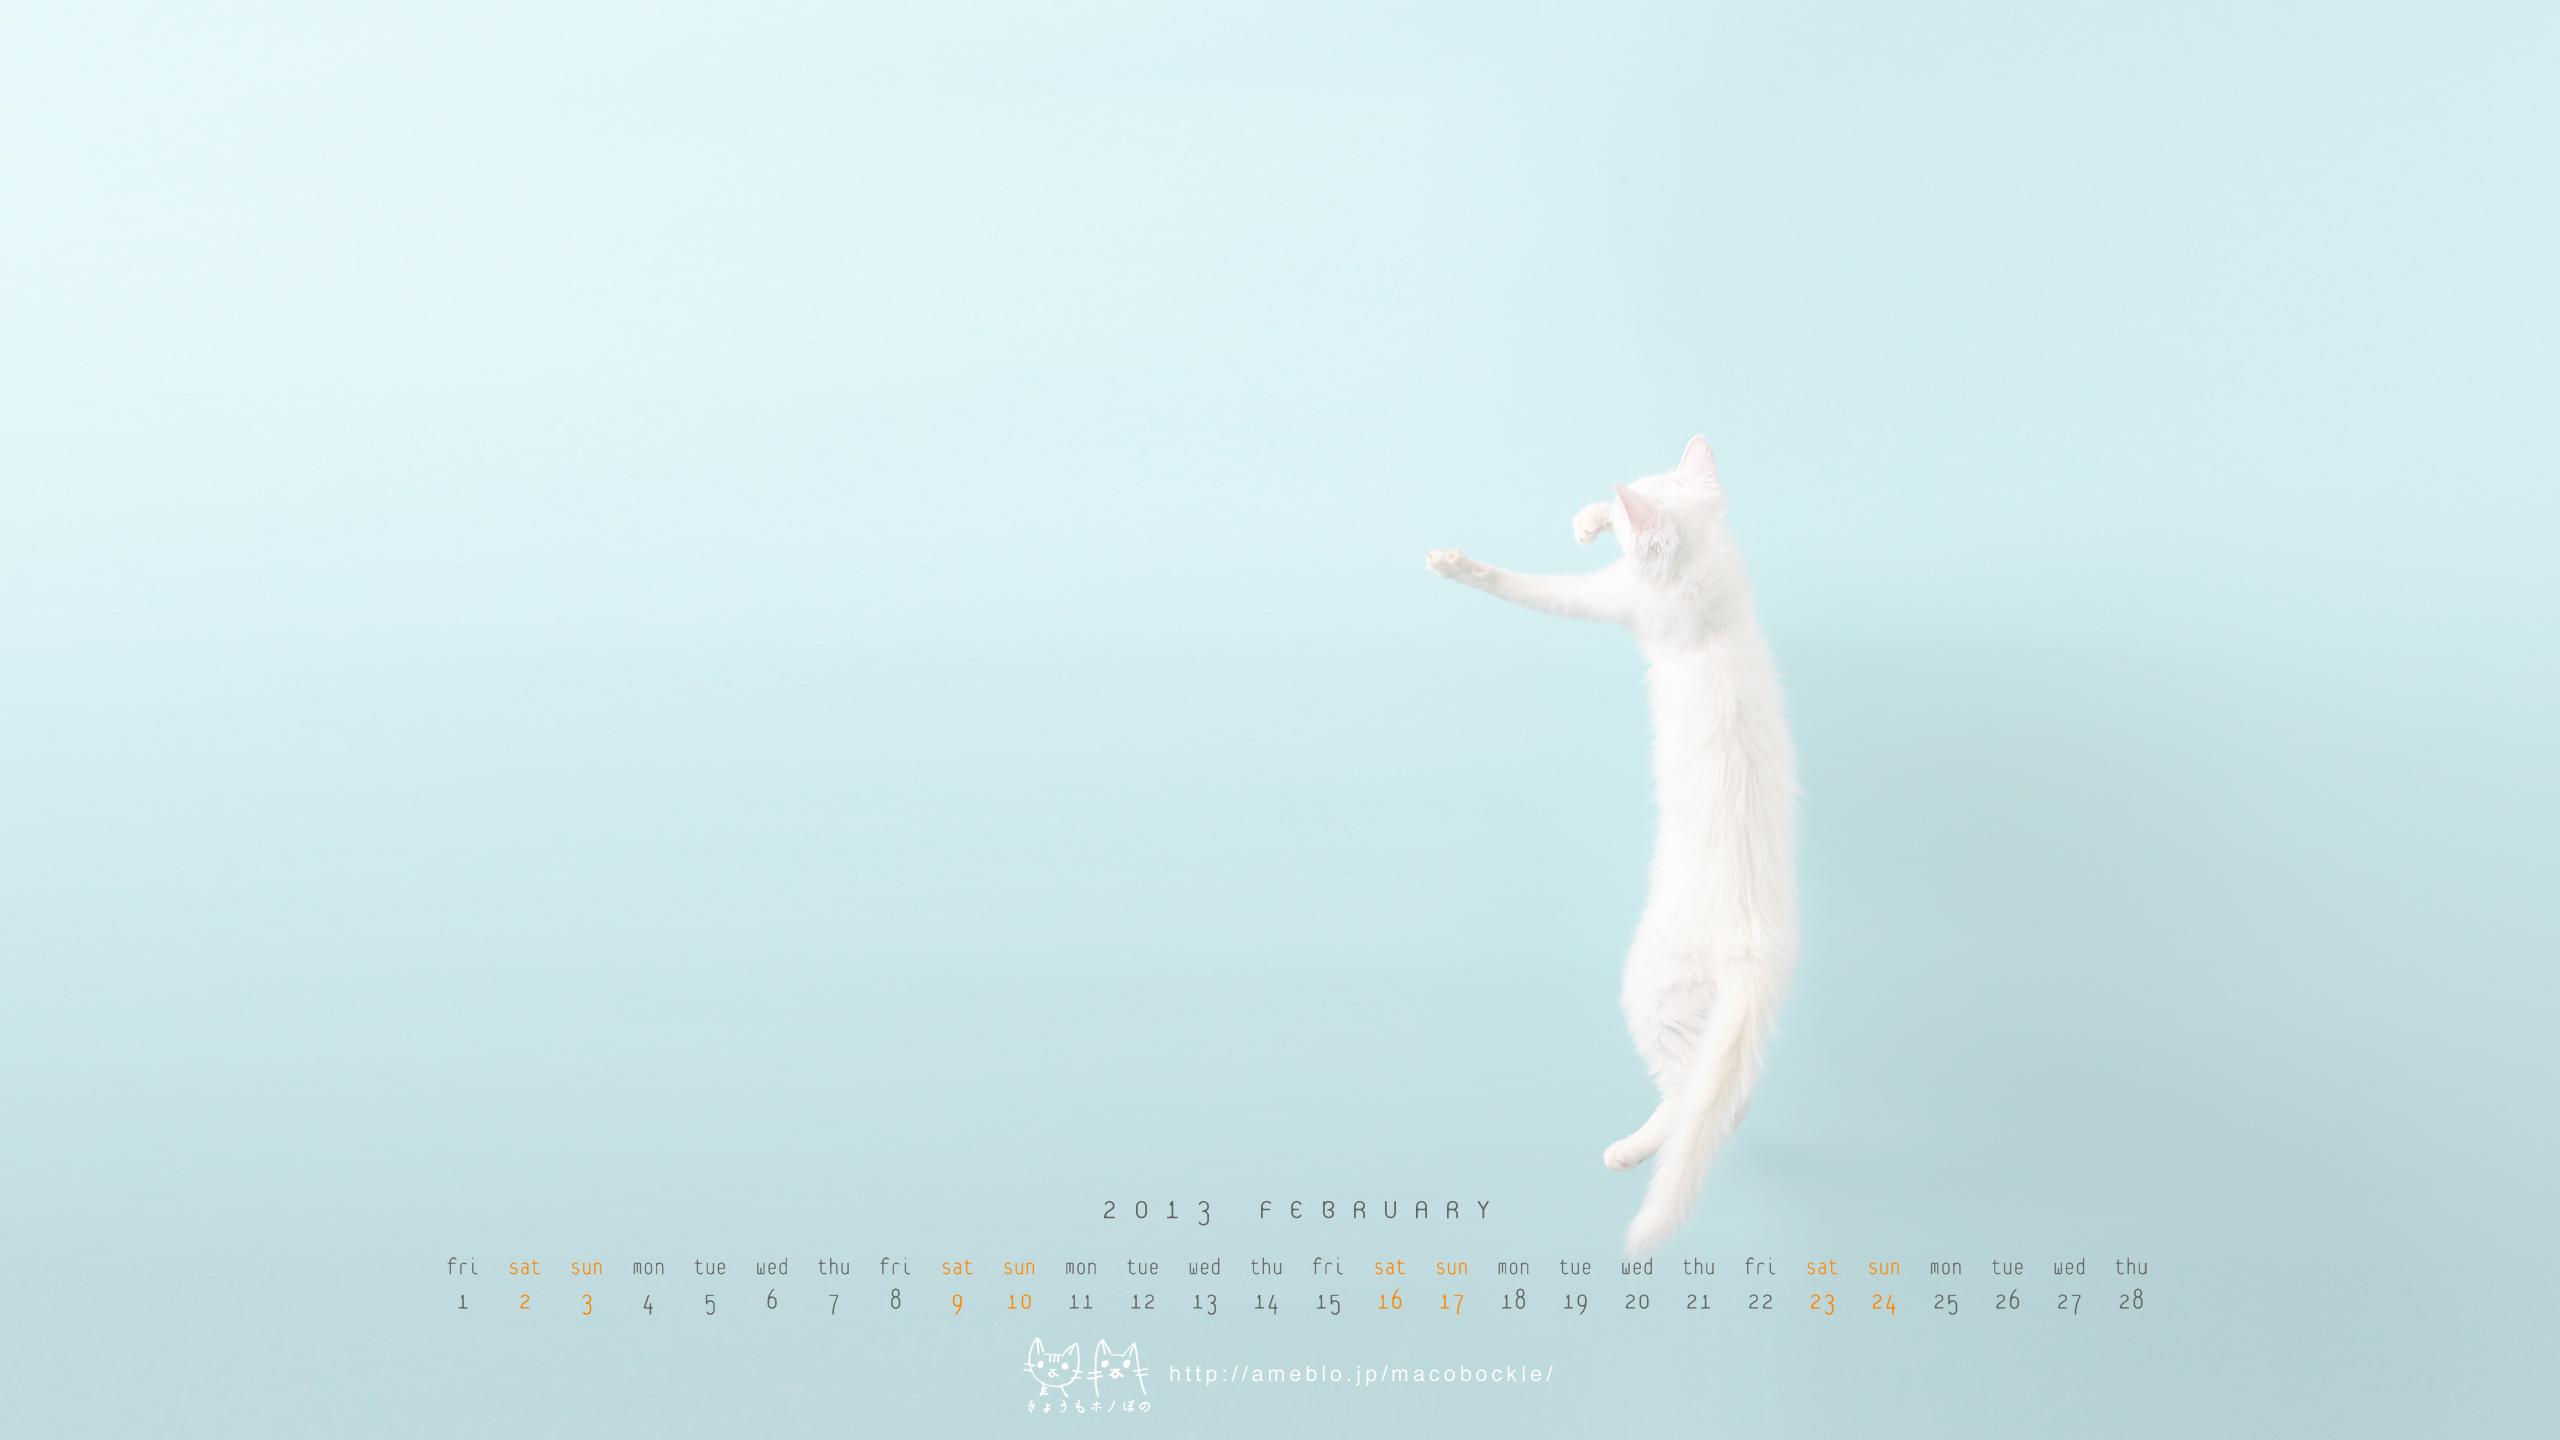 2013年2月のデスクトップ壁紙 カレンダー ぼのジャンプ Hono And